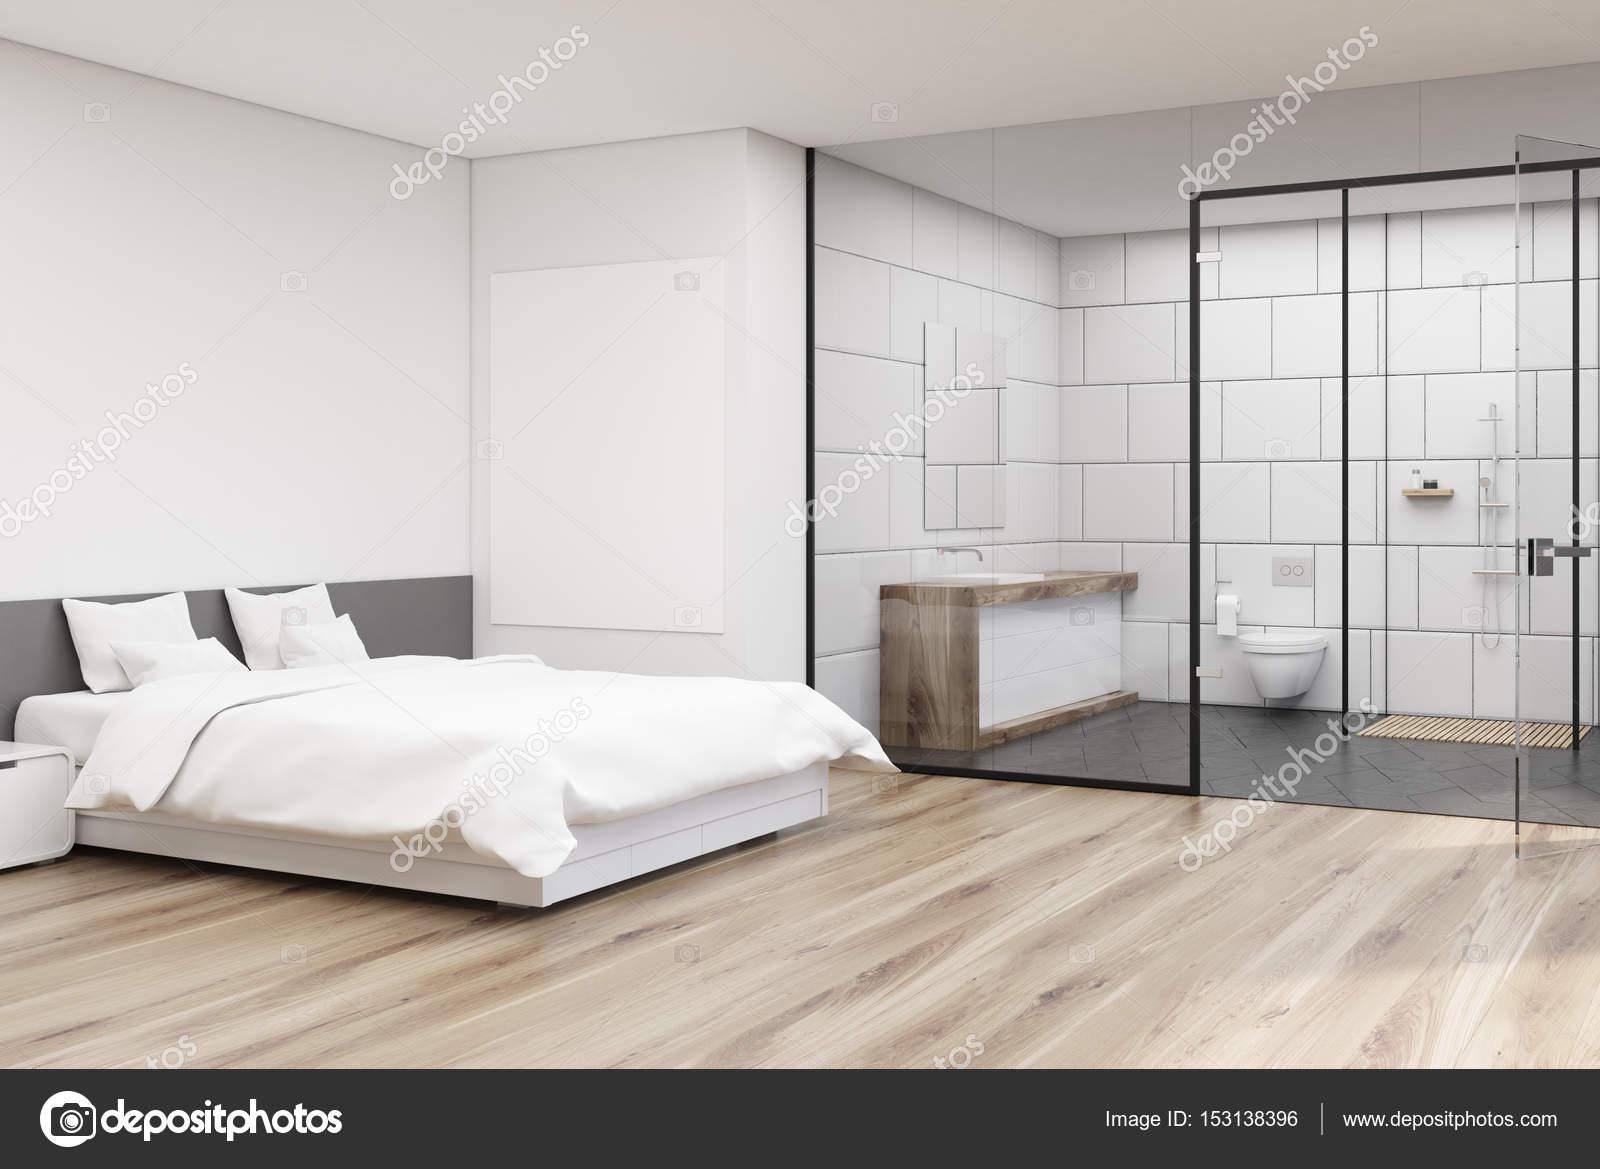 Bagno In Camera Con Vetrata : Camera da letto con bagno bianco angolo u2014 foto stock